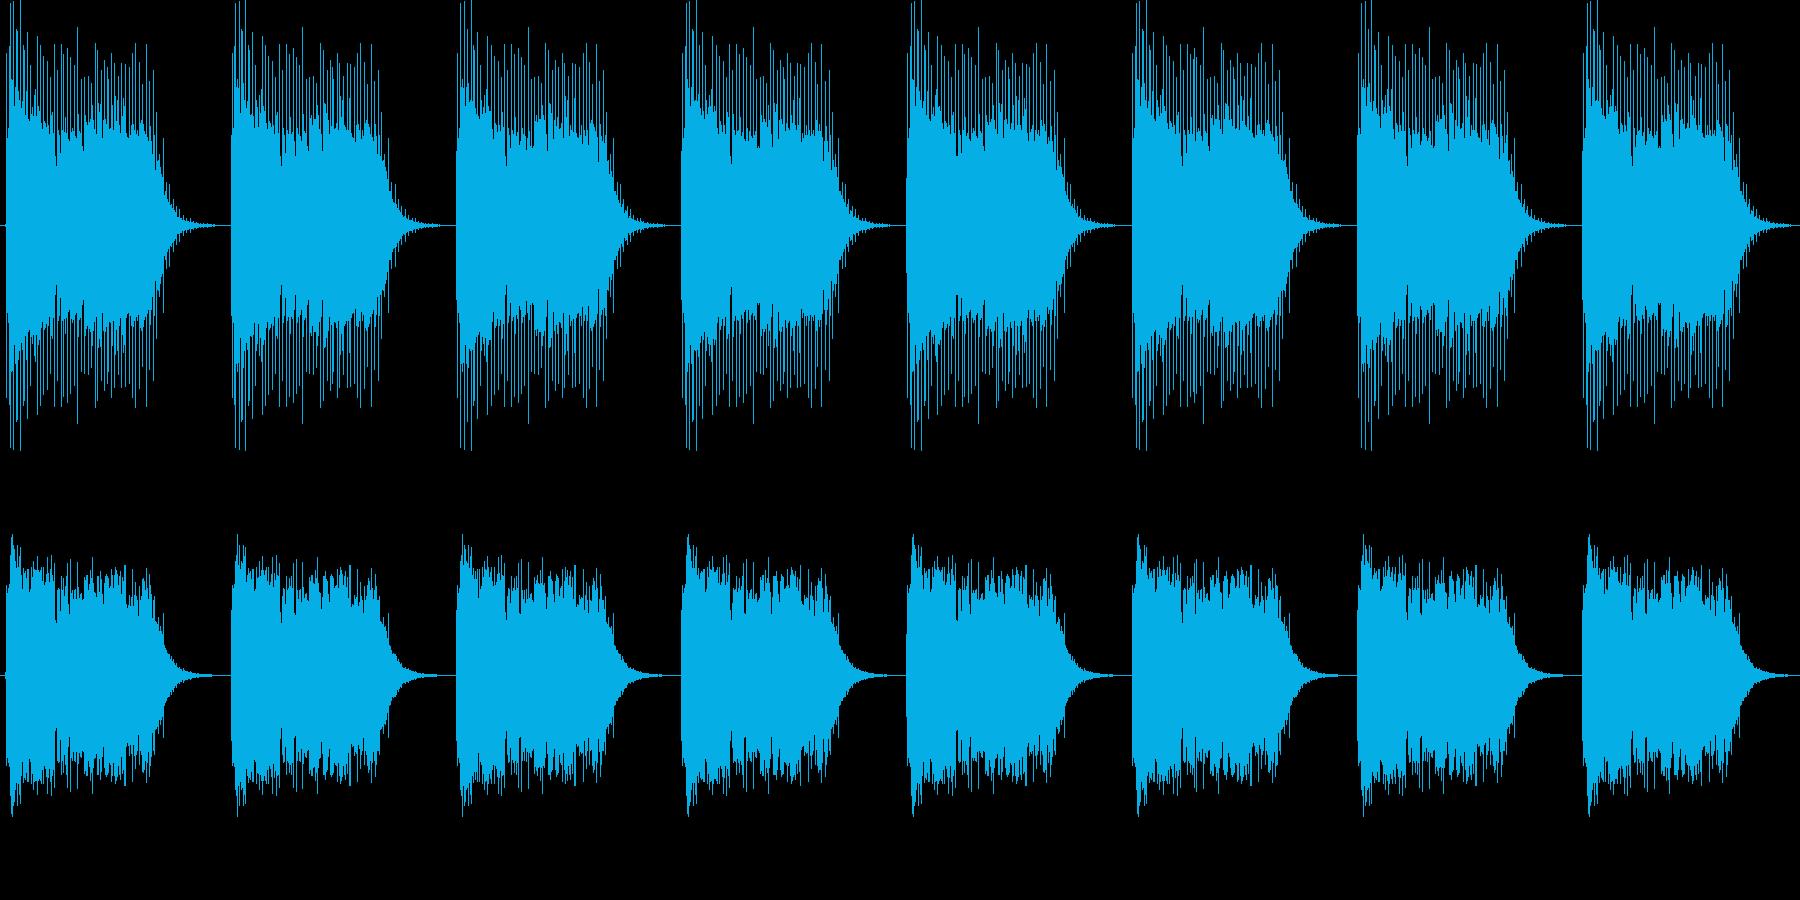 【黒電話】 ジリリリリン 呼び出し音の再生済みの波形